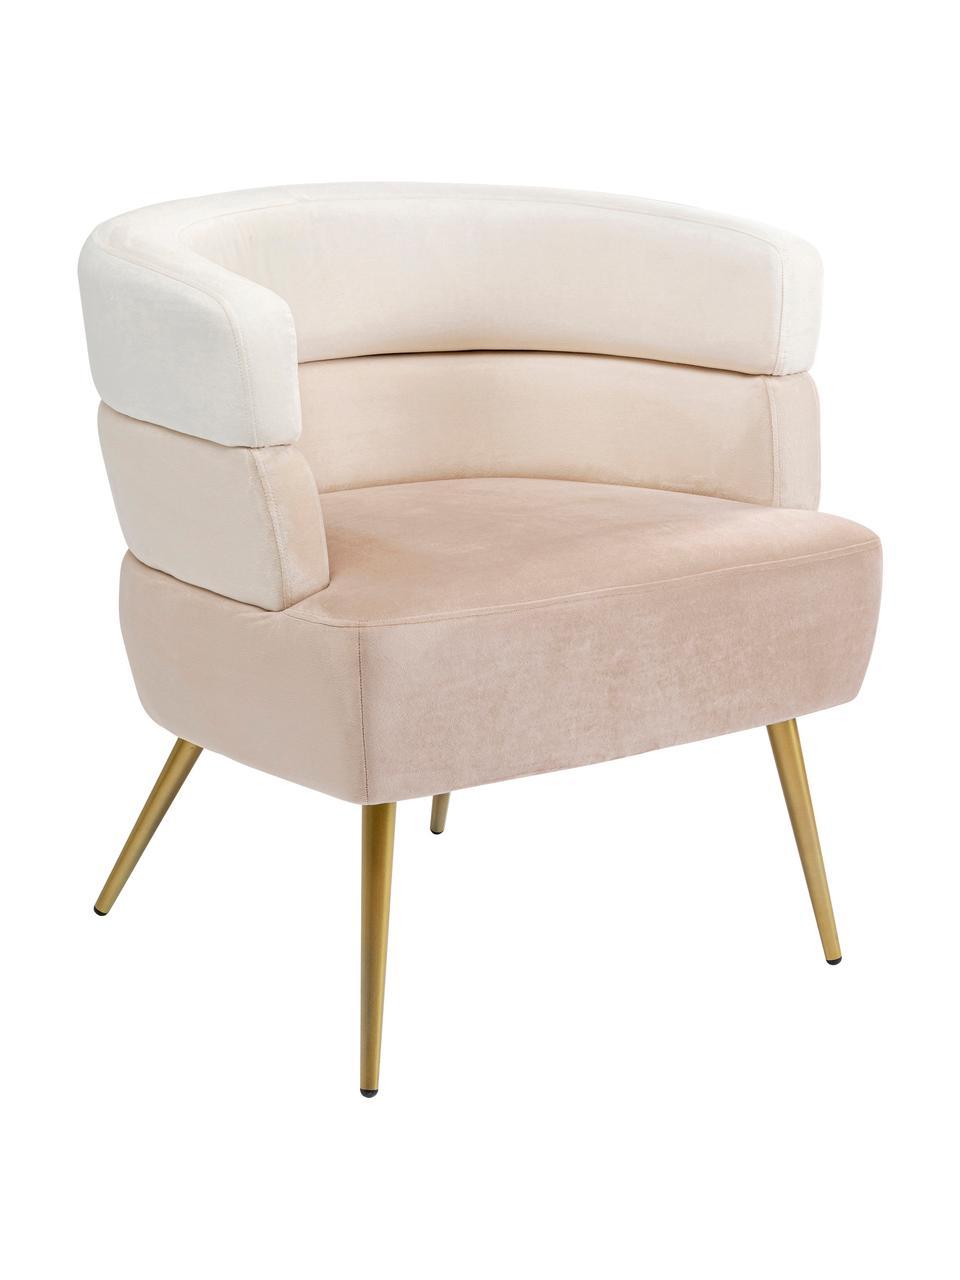 Fotel z aksamitu w stylu retro Sandwich, Tapicerka: aksamit poliestrowy, Nogi: metal powlekany, Beżowy, S 65 x G 64 cm